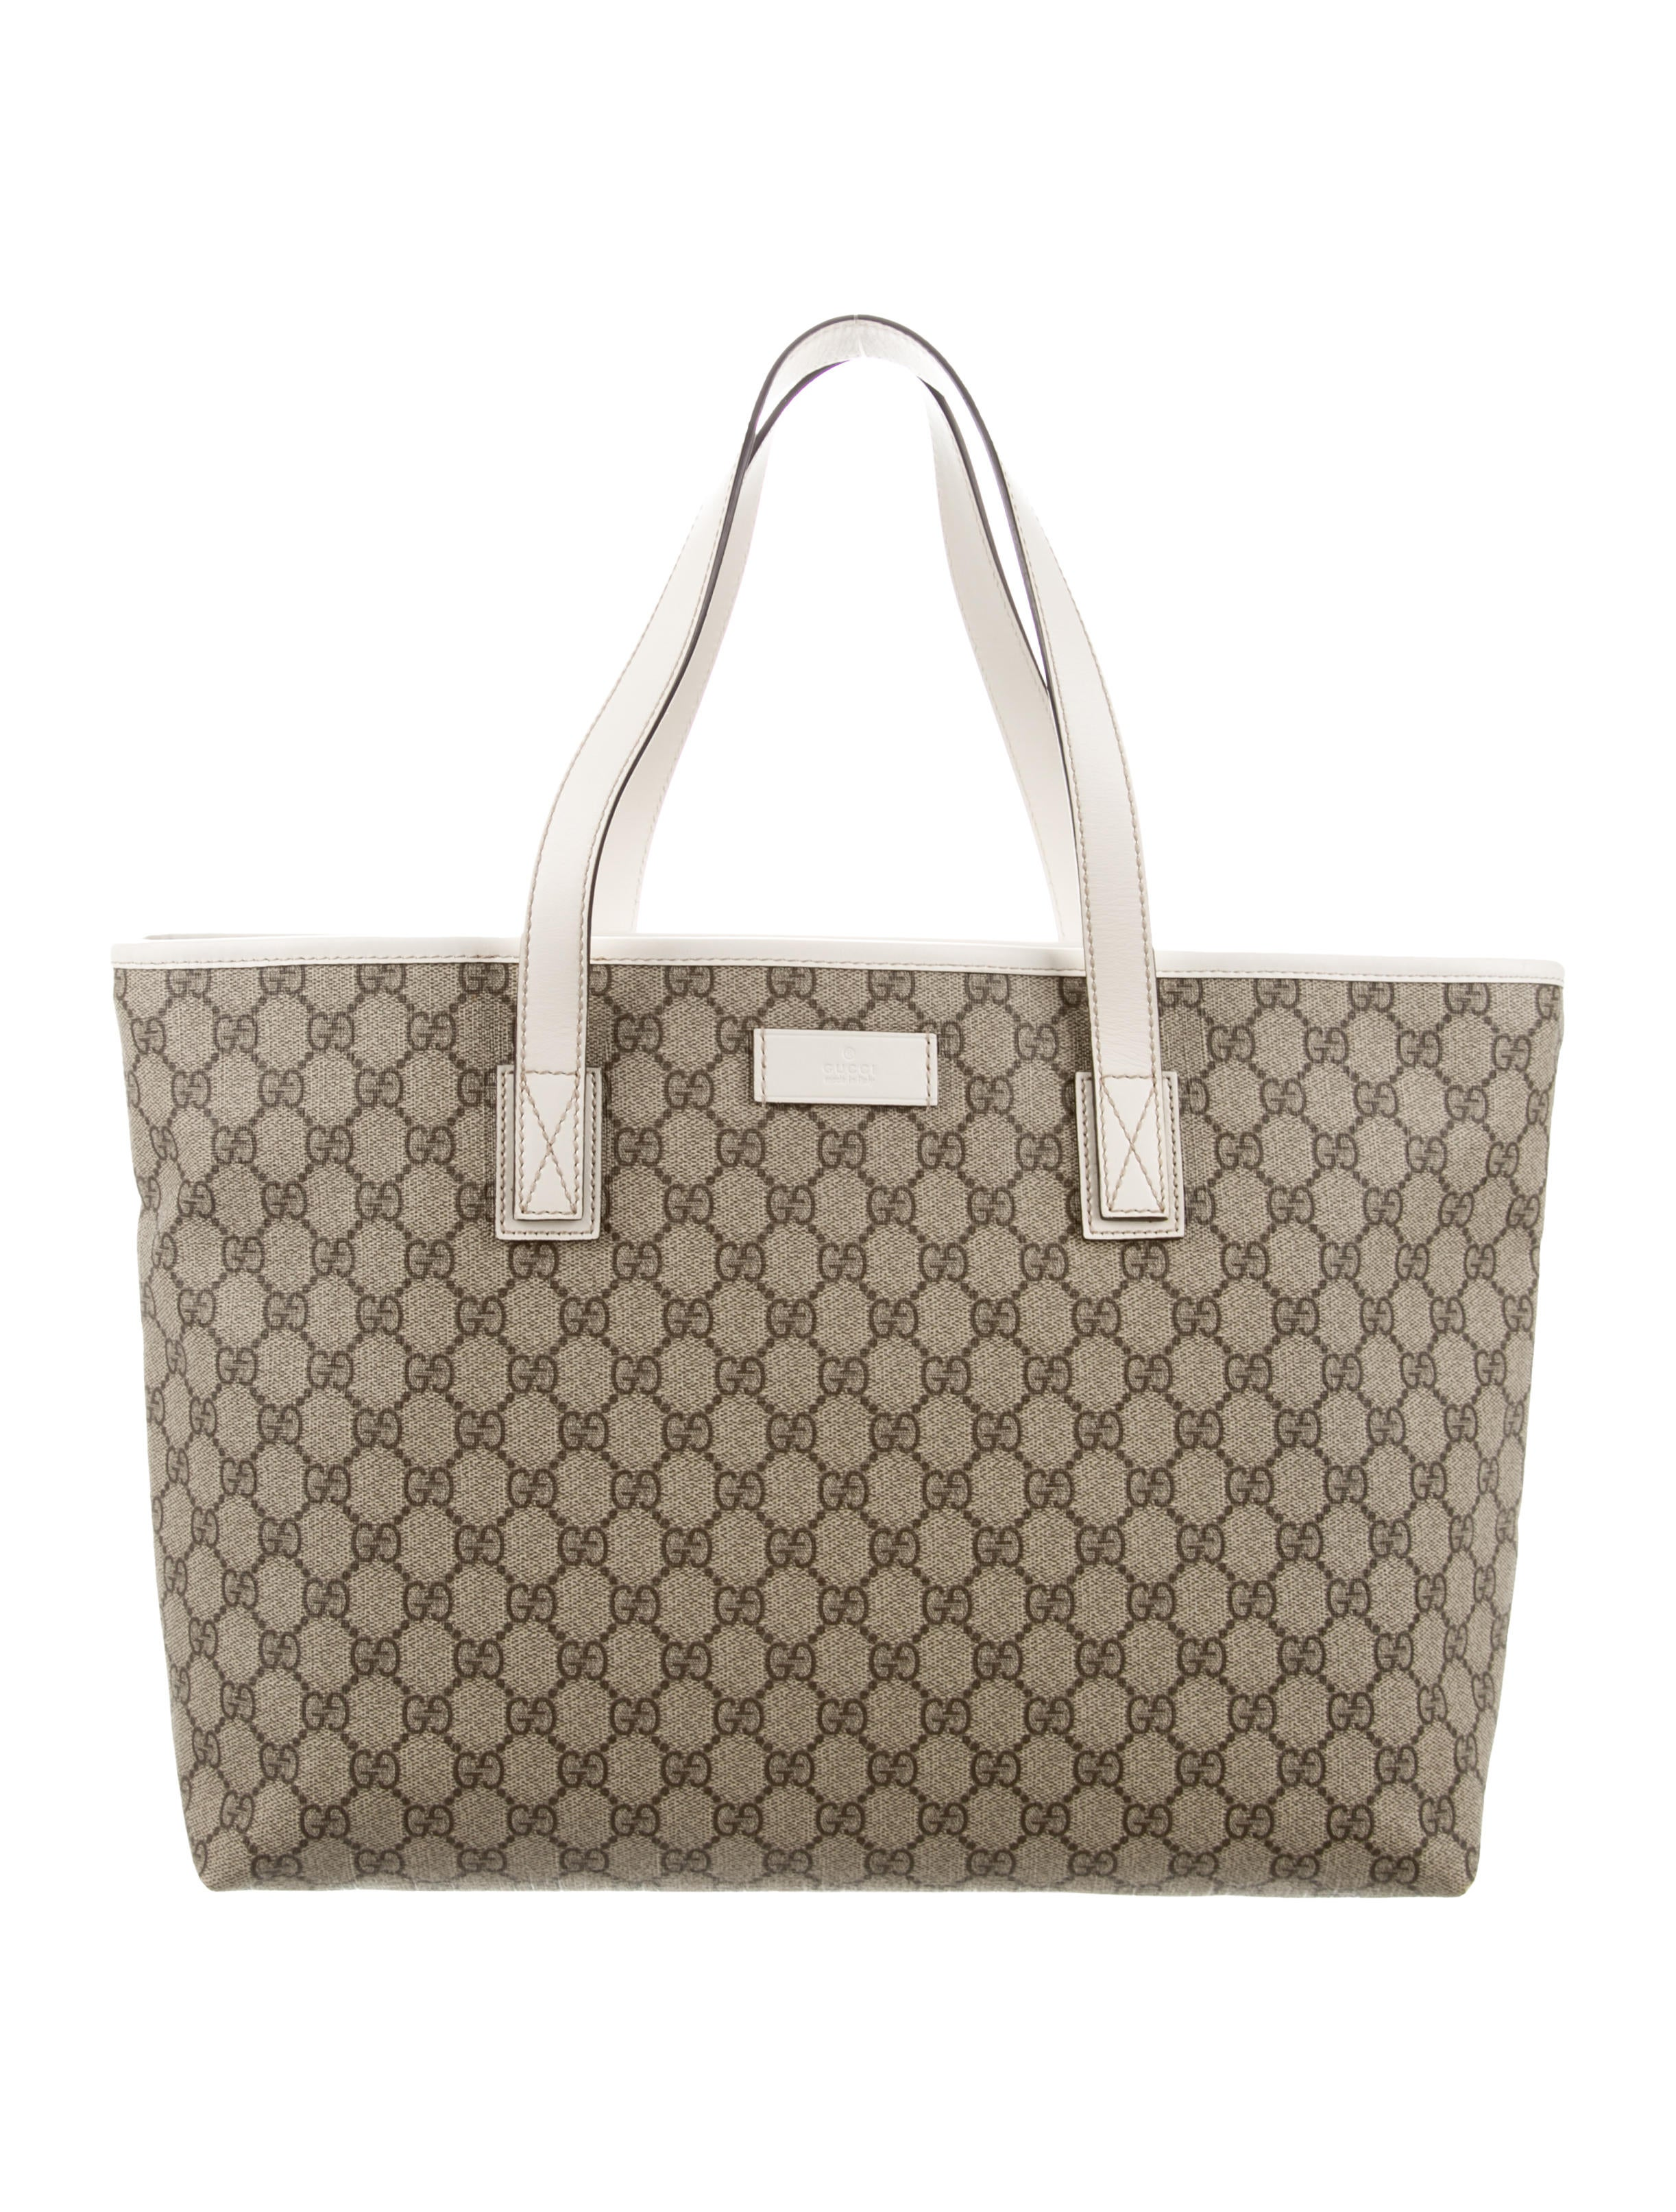 c281606683892 Gucci GG Plus Tote - Handbags - GUC287657